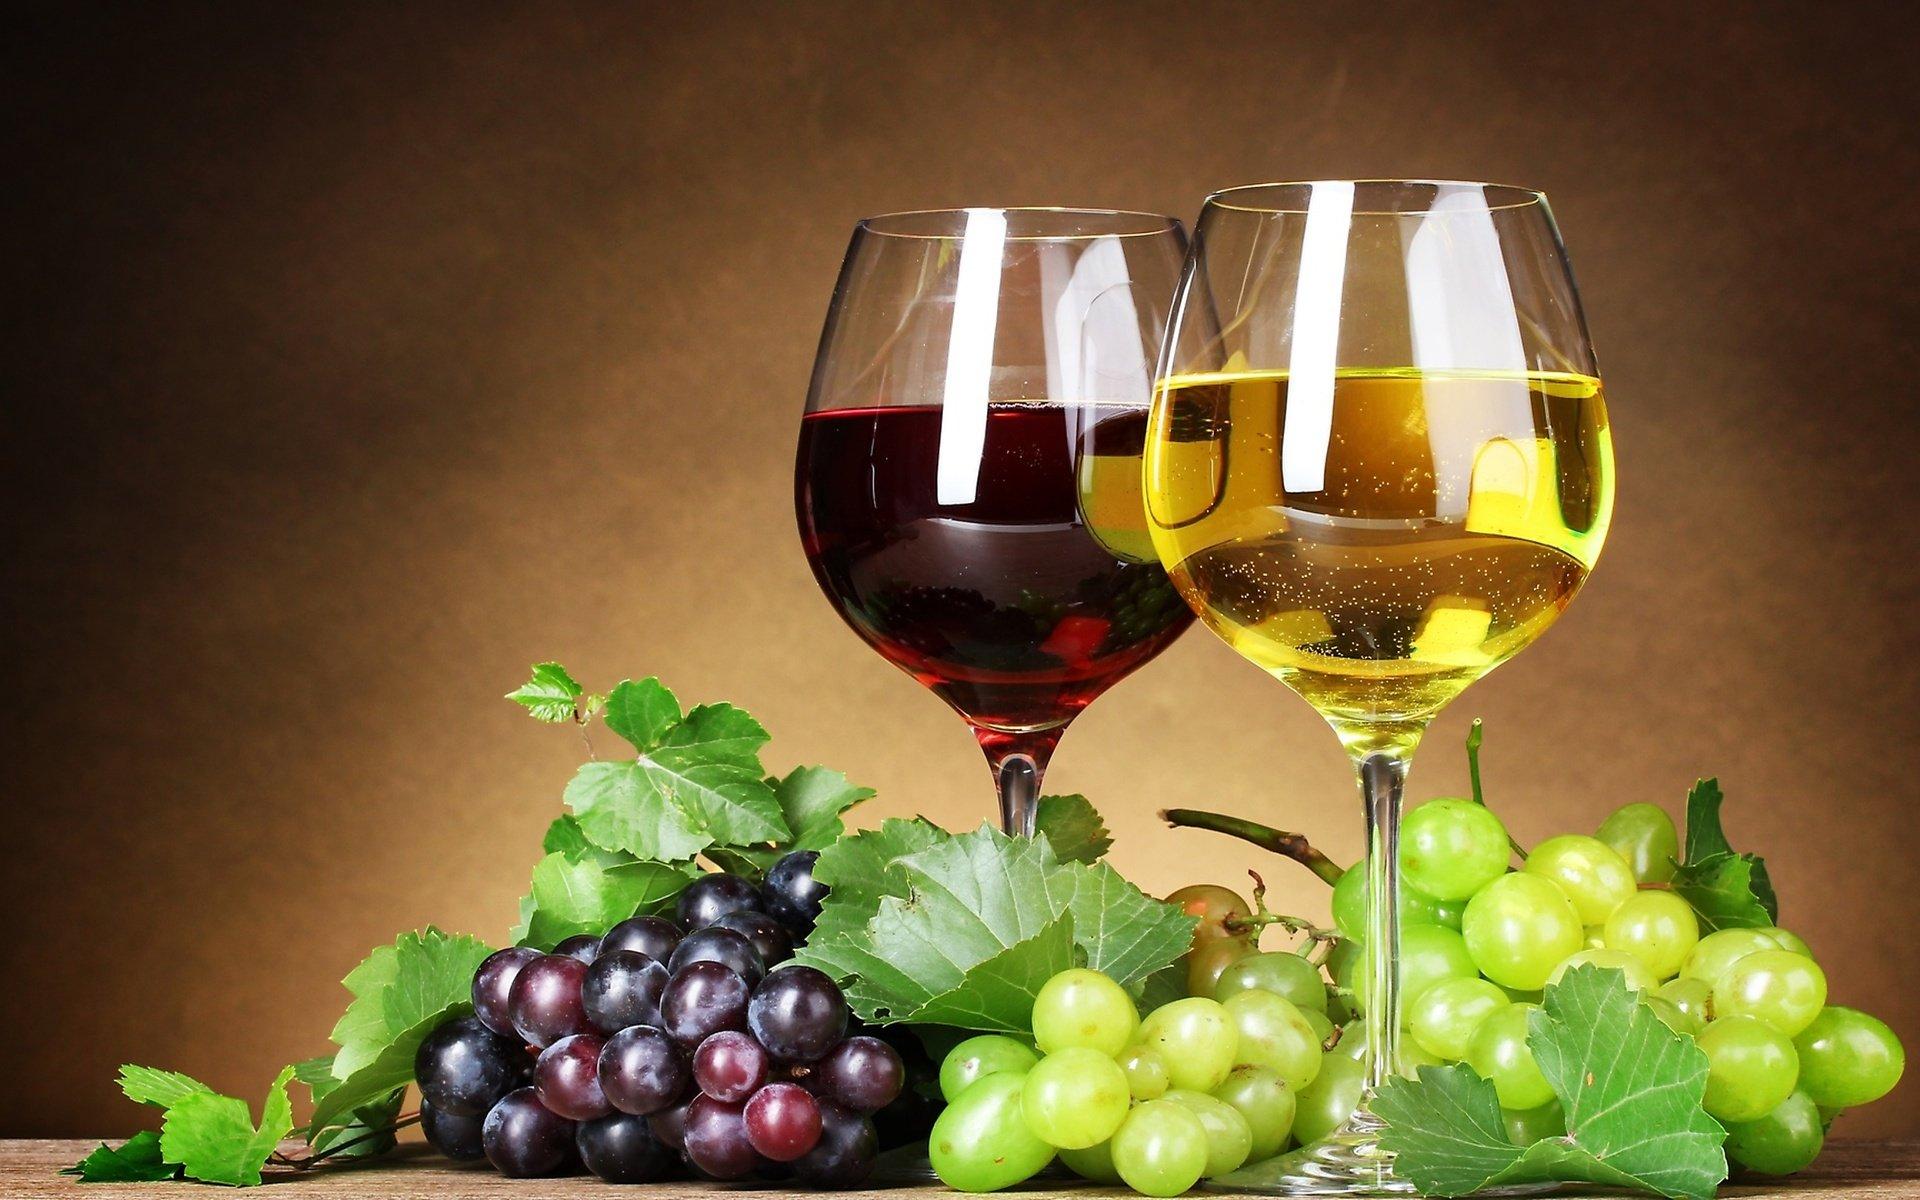 Красивые картинки с вином и бокалами, дочкой смешной